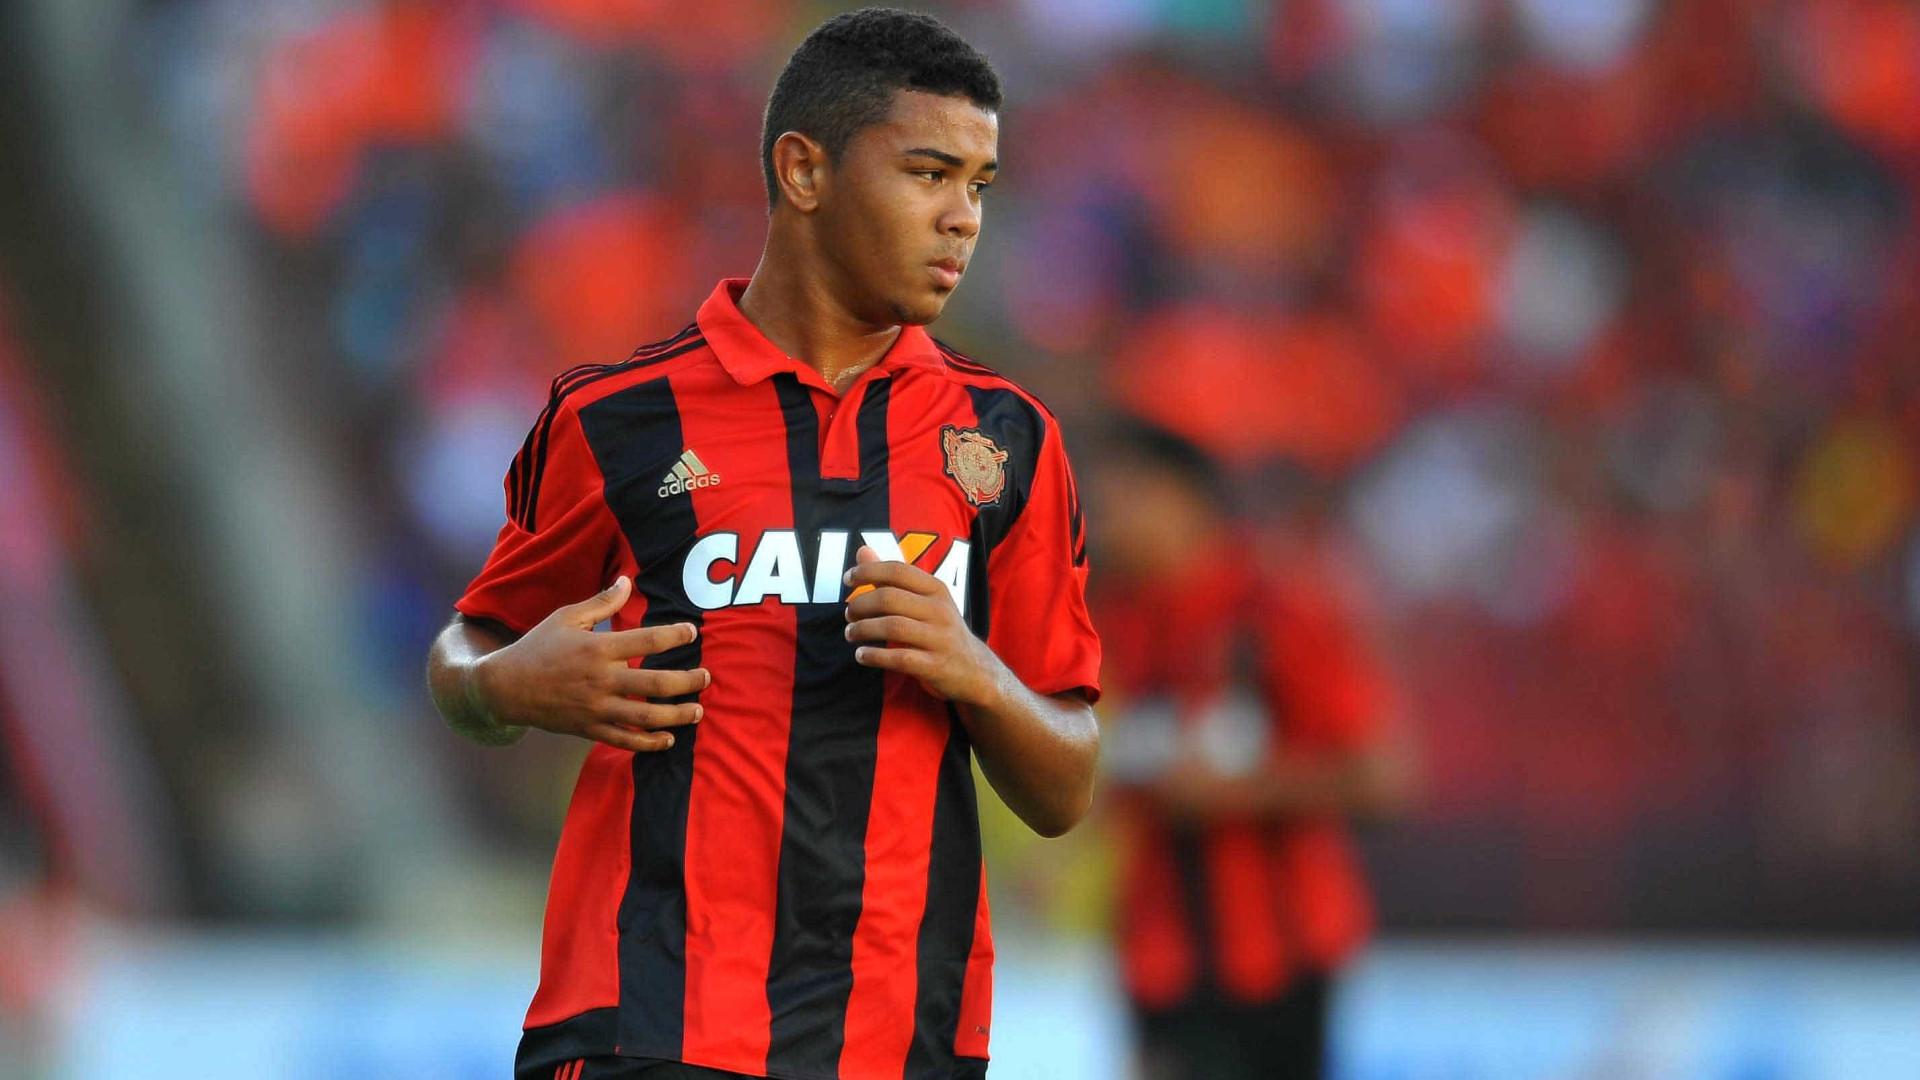 Torcedores fazem Corinthians desistir de Juninho, acusado de agredir ex